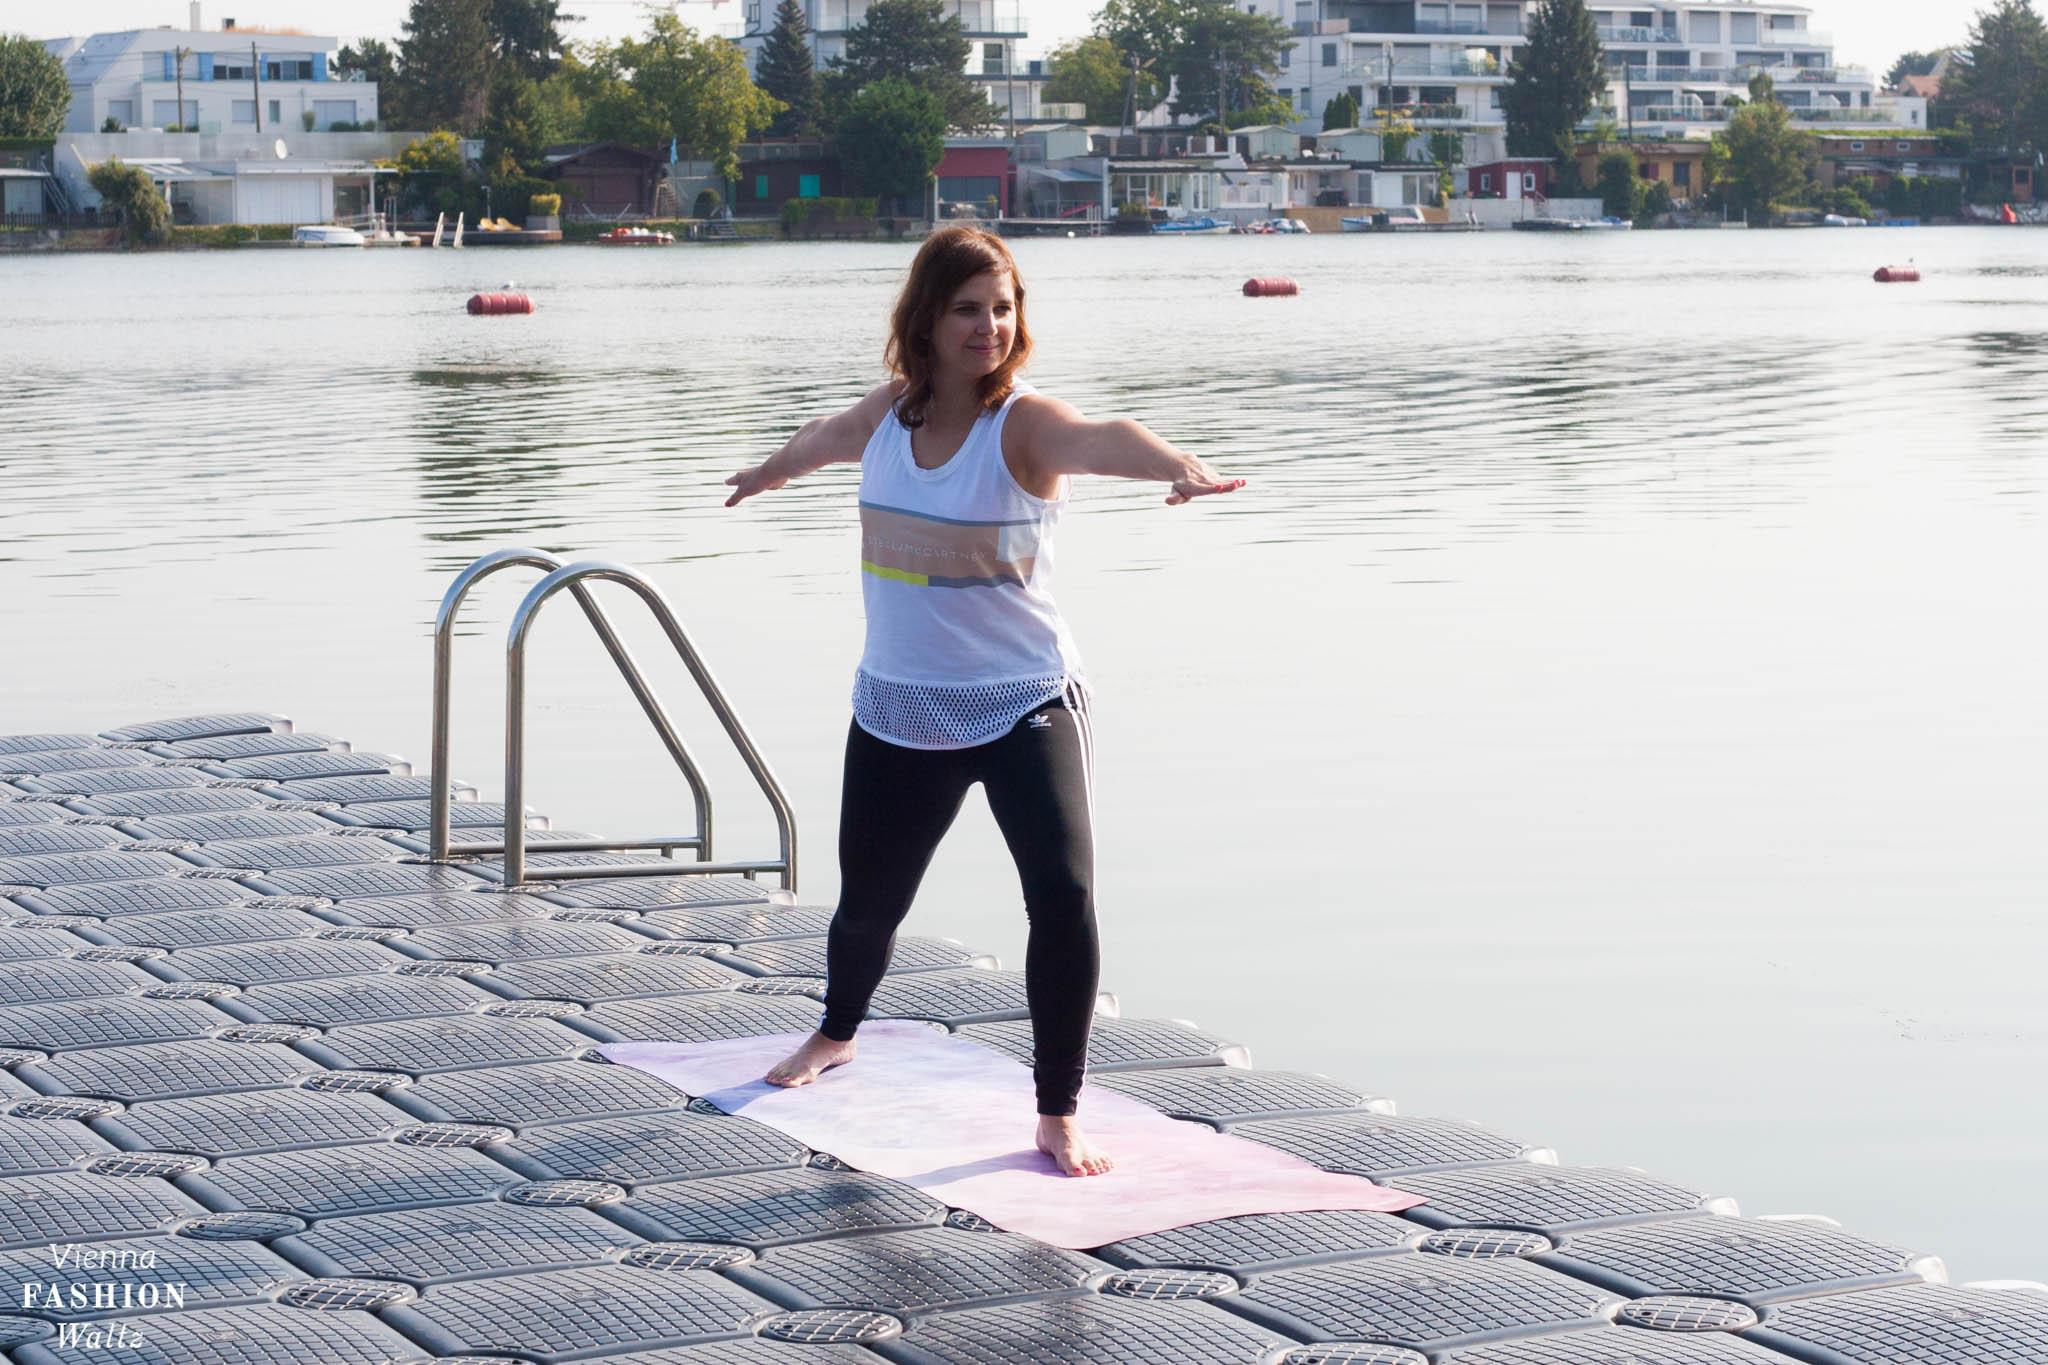 Sporttipps Sportkleidung Yoga Schwimmen Adidas Speedo Blog